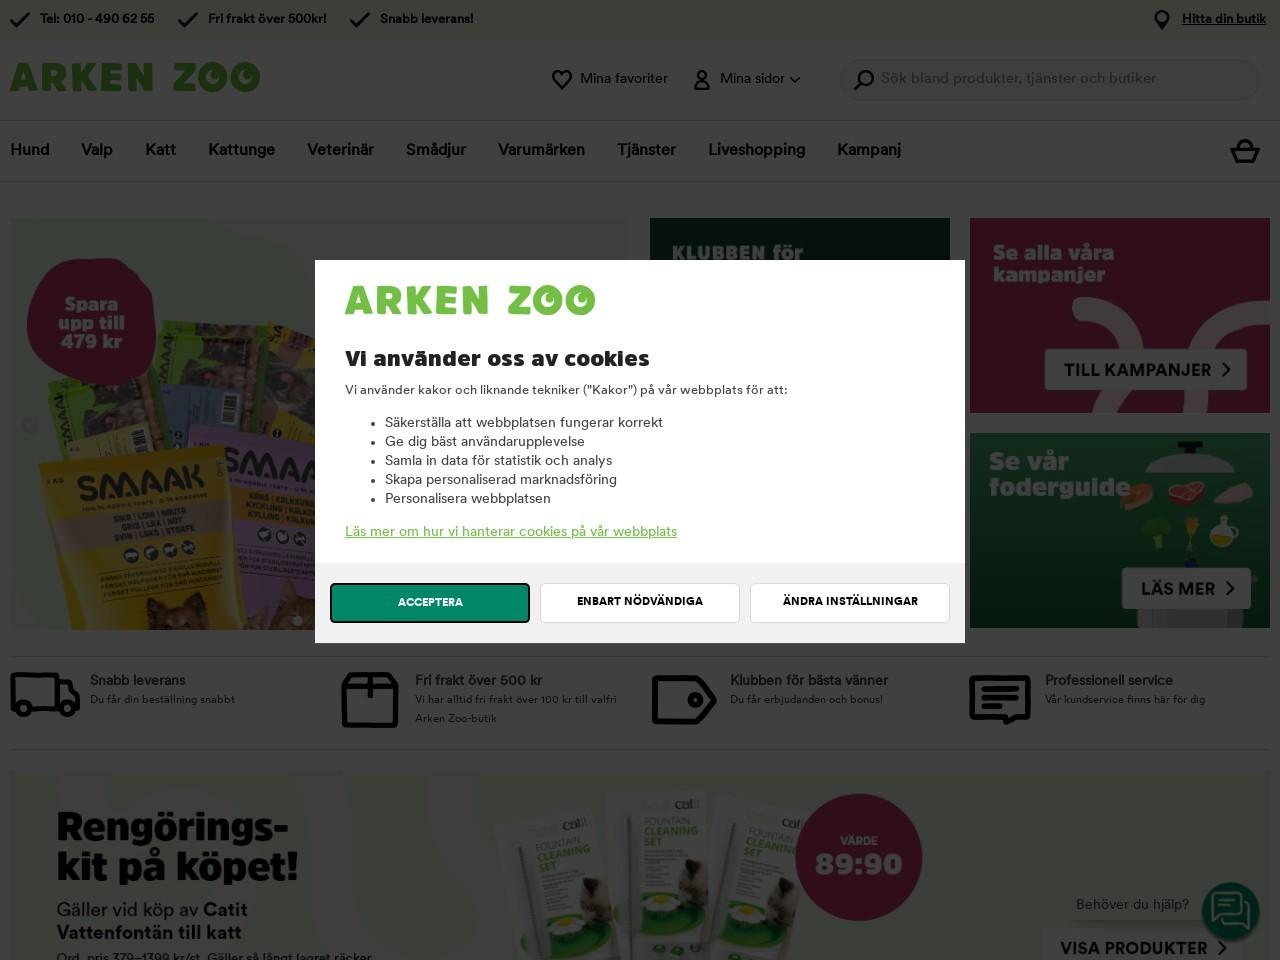 Köp Reptilmat Och Terrarieinredning Hos Arken Zoo!